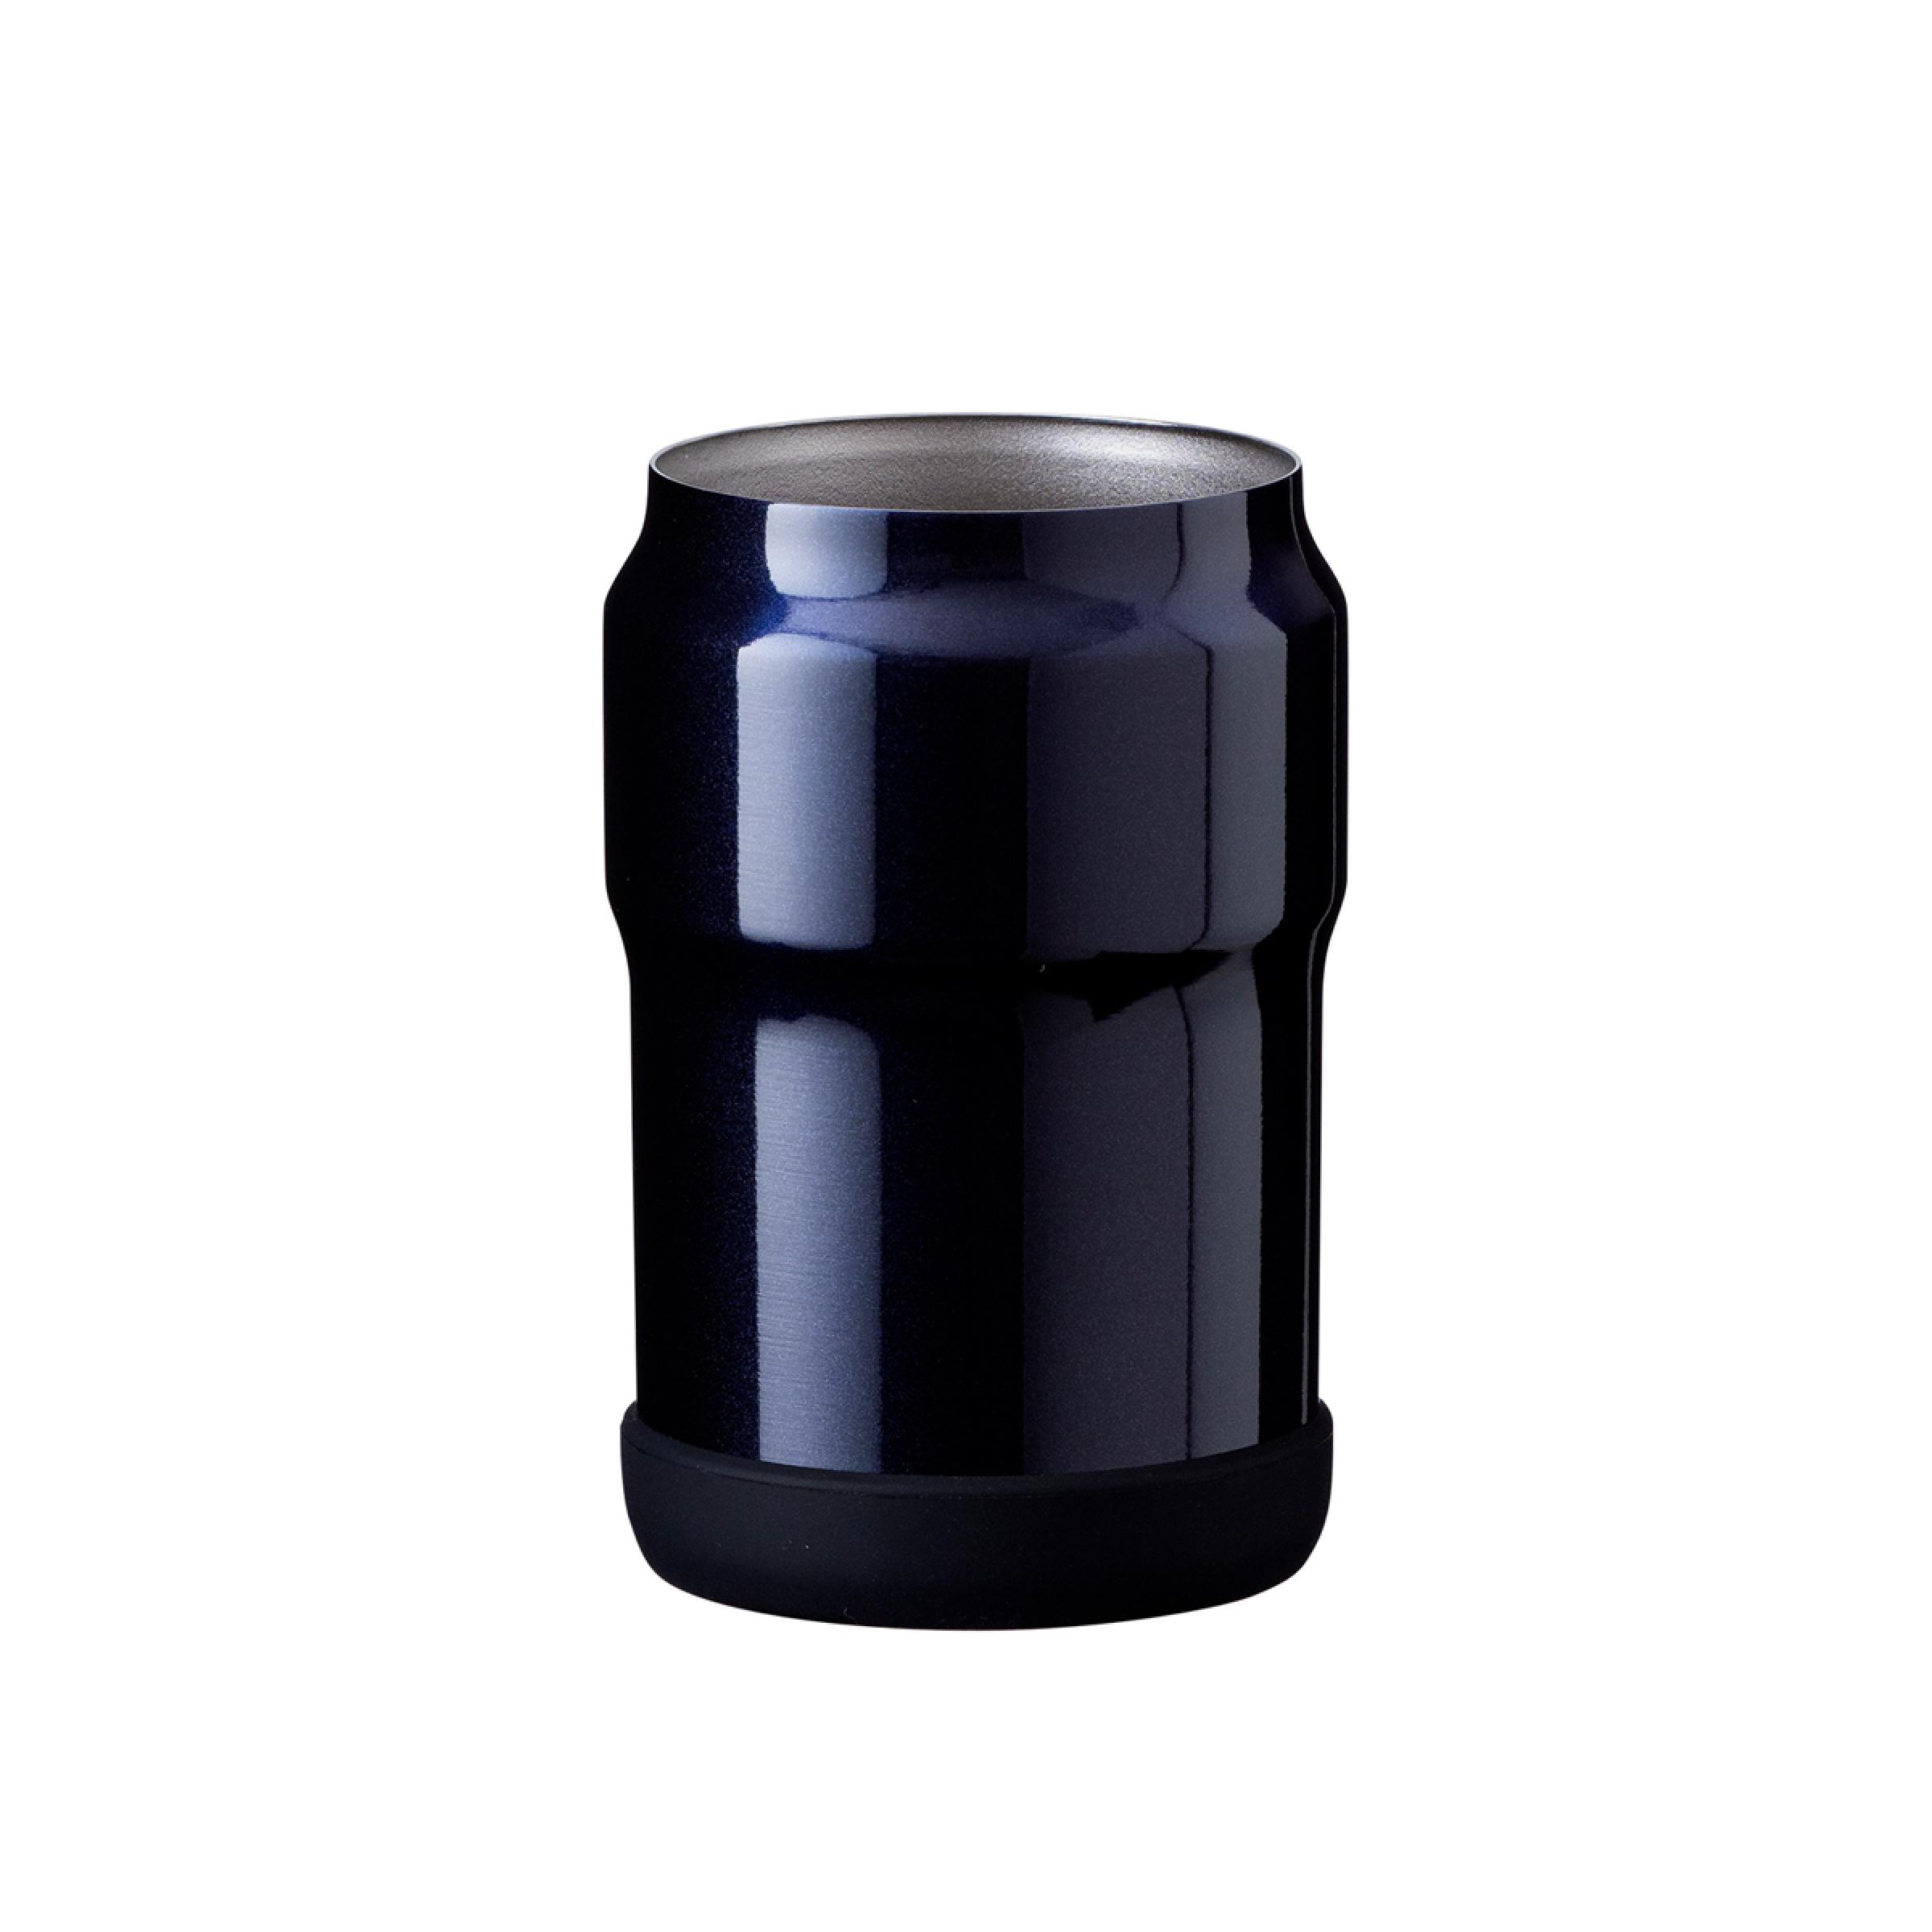 Wens 缶ホルダー 350ml ネイビー